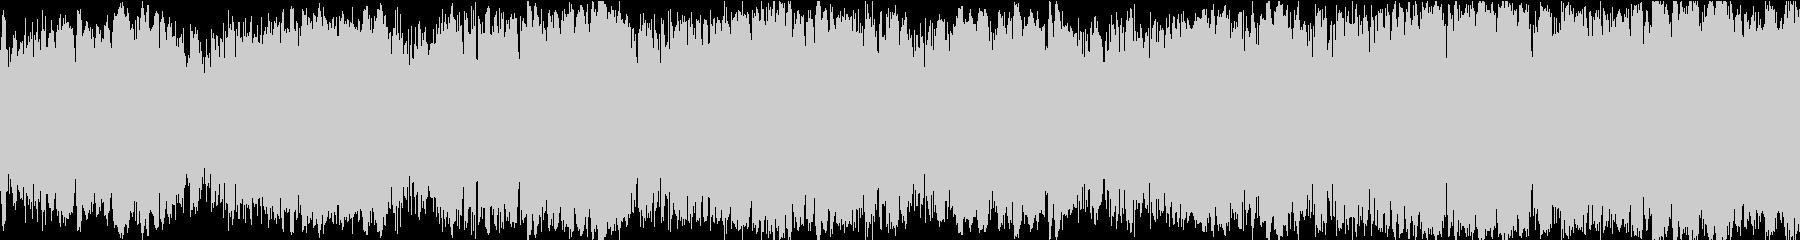 ドラマチックEDMループサウンドの未再生の波形